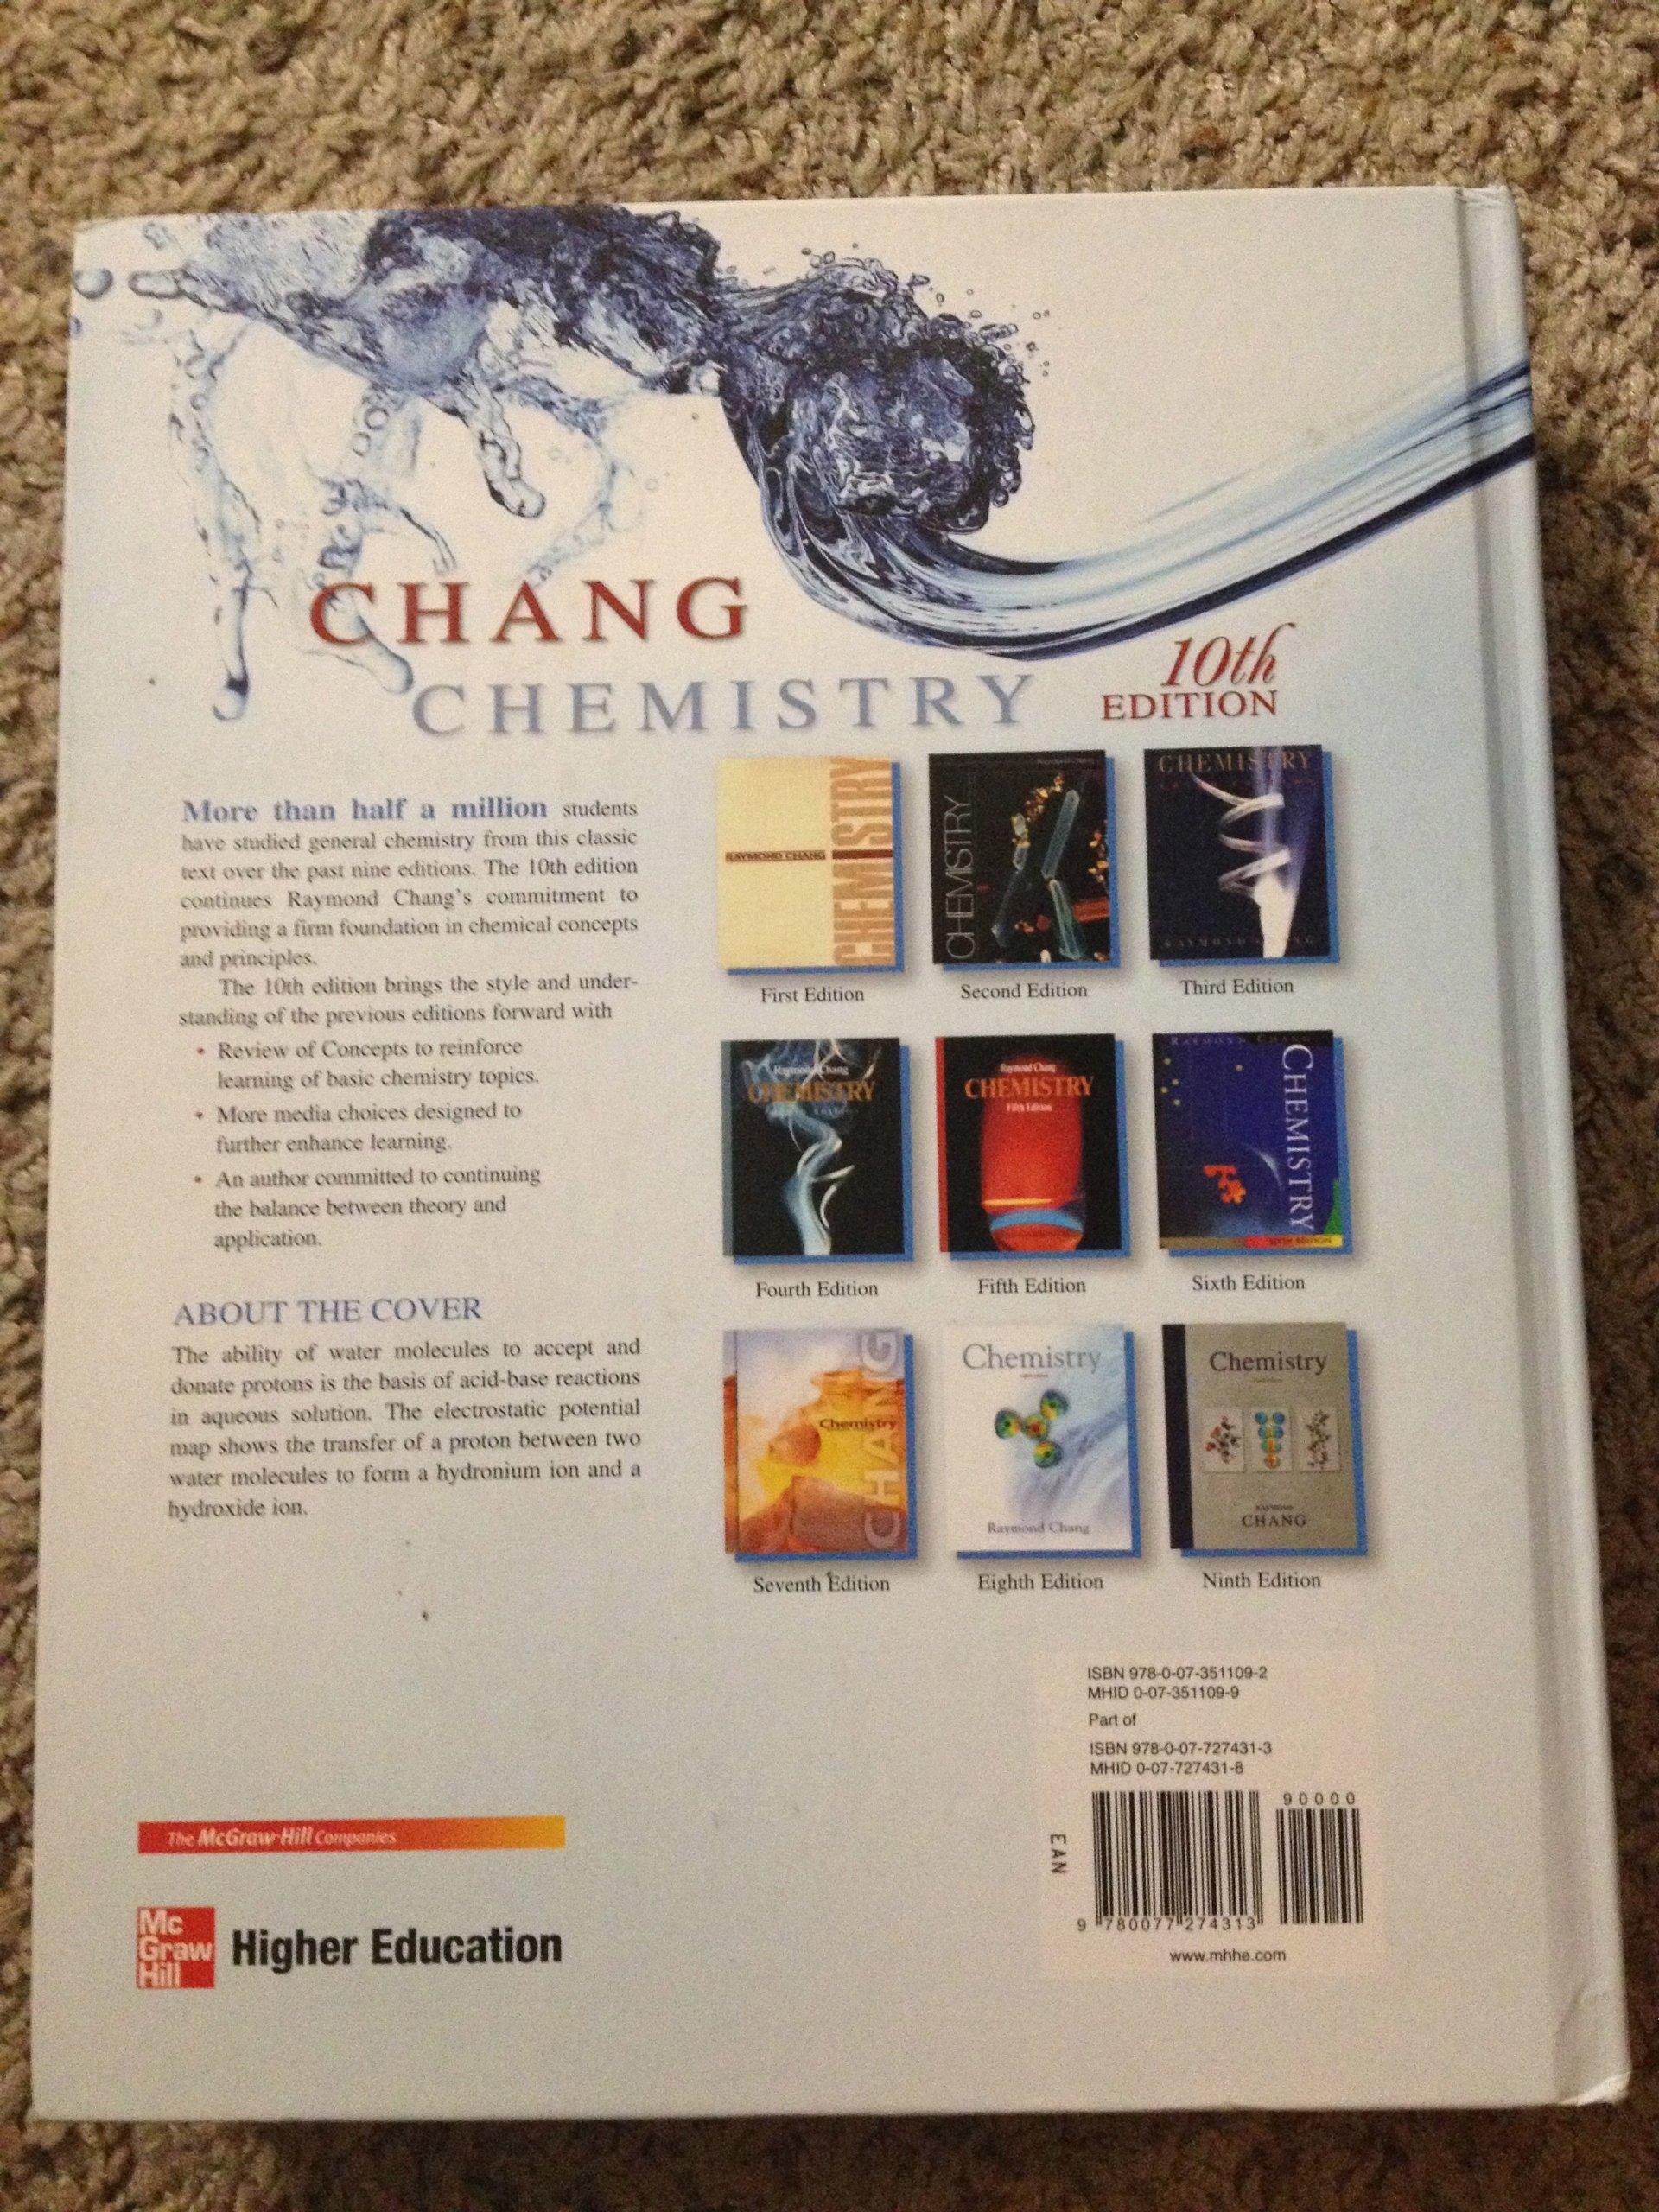 Chemistry 10th edition chemistry 10th edition raymond chang chemistry 10th edition chemistry 10th edition raymond chang 9780077274313 amazon books fandeluxe Gallery